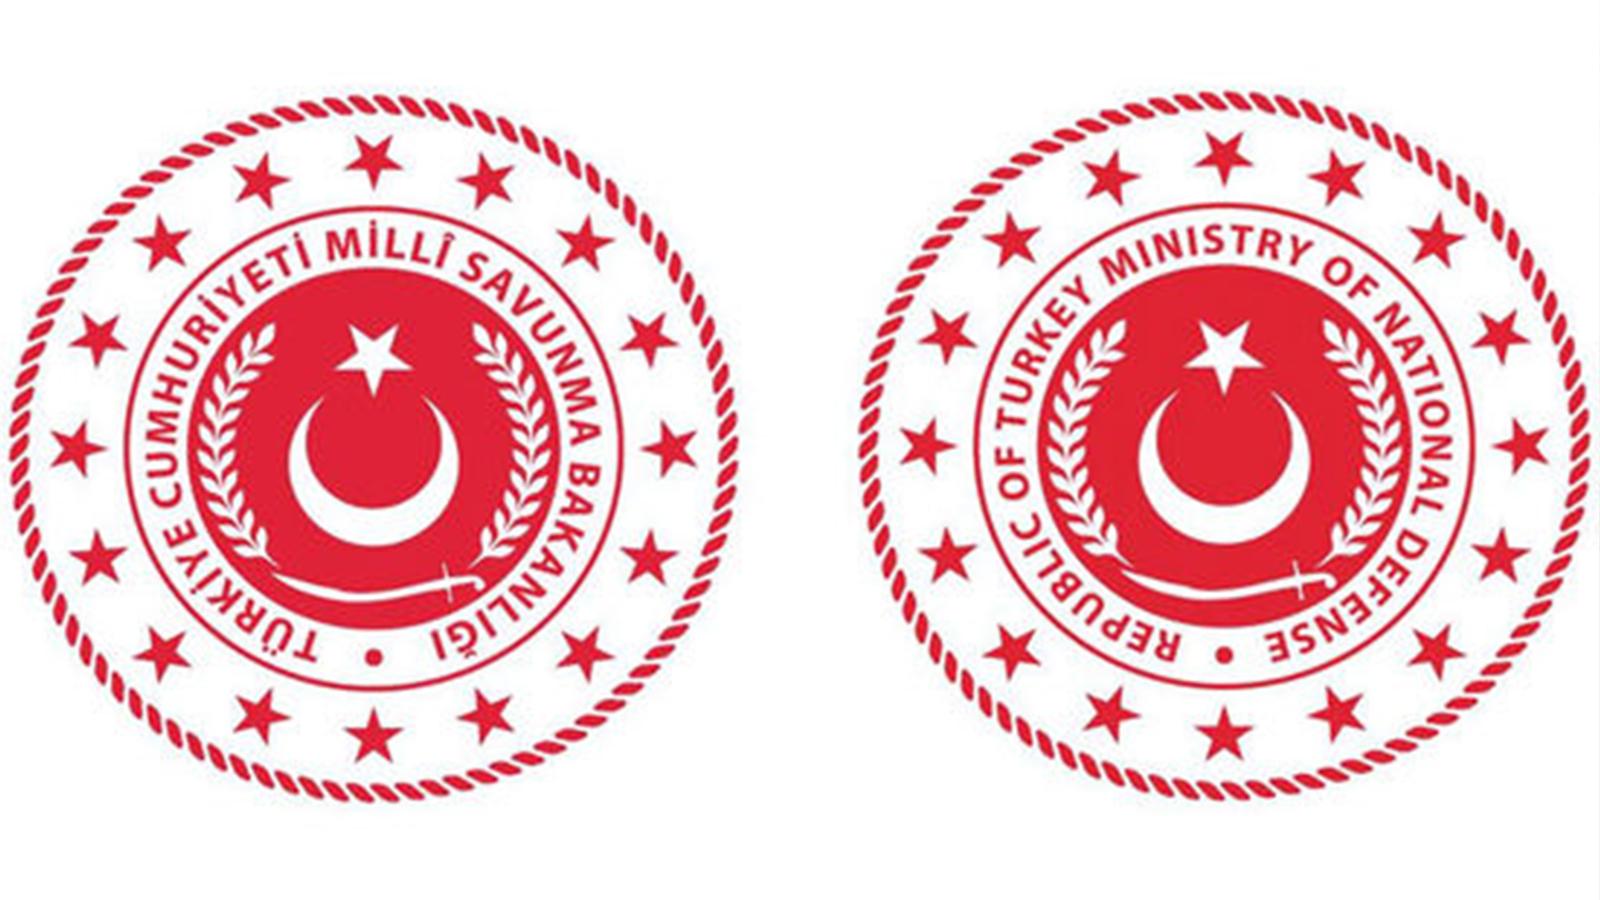 Murat Bardakci Milli Savunma Bakanligi Nin Yeni Logosundaki